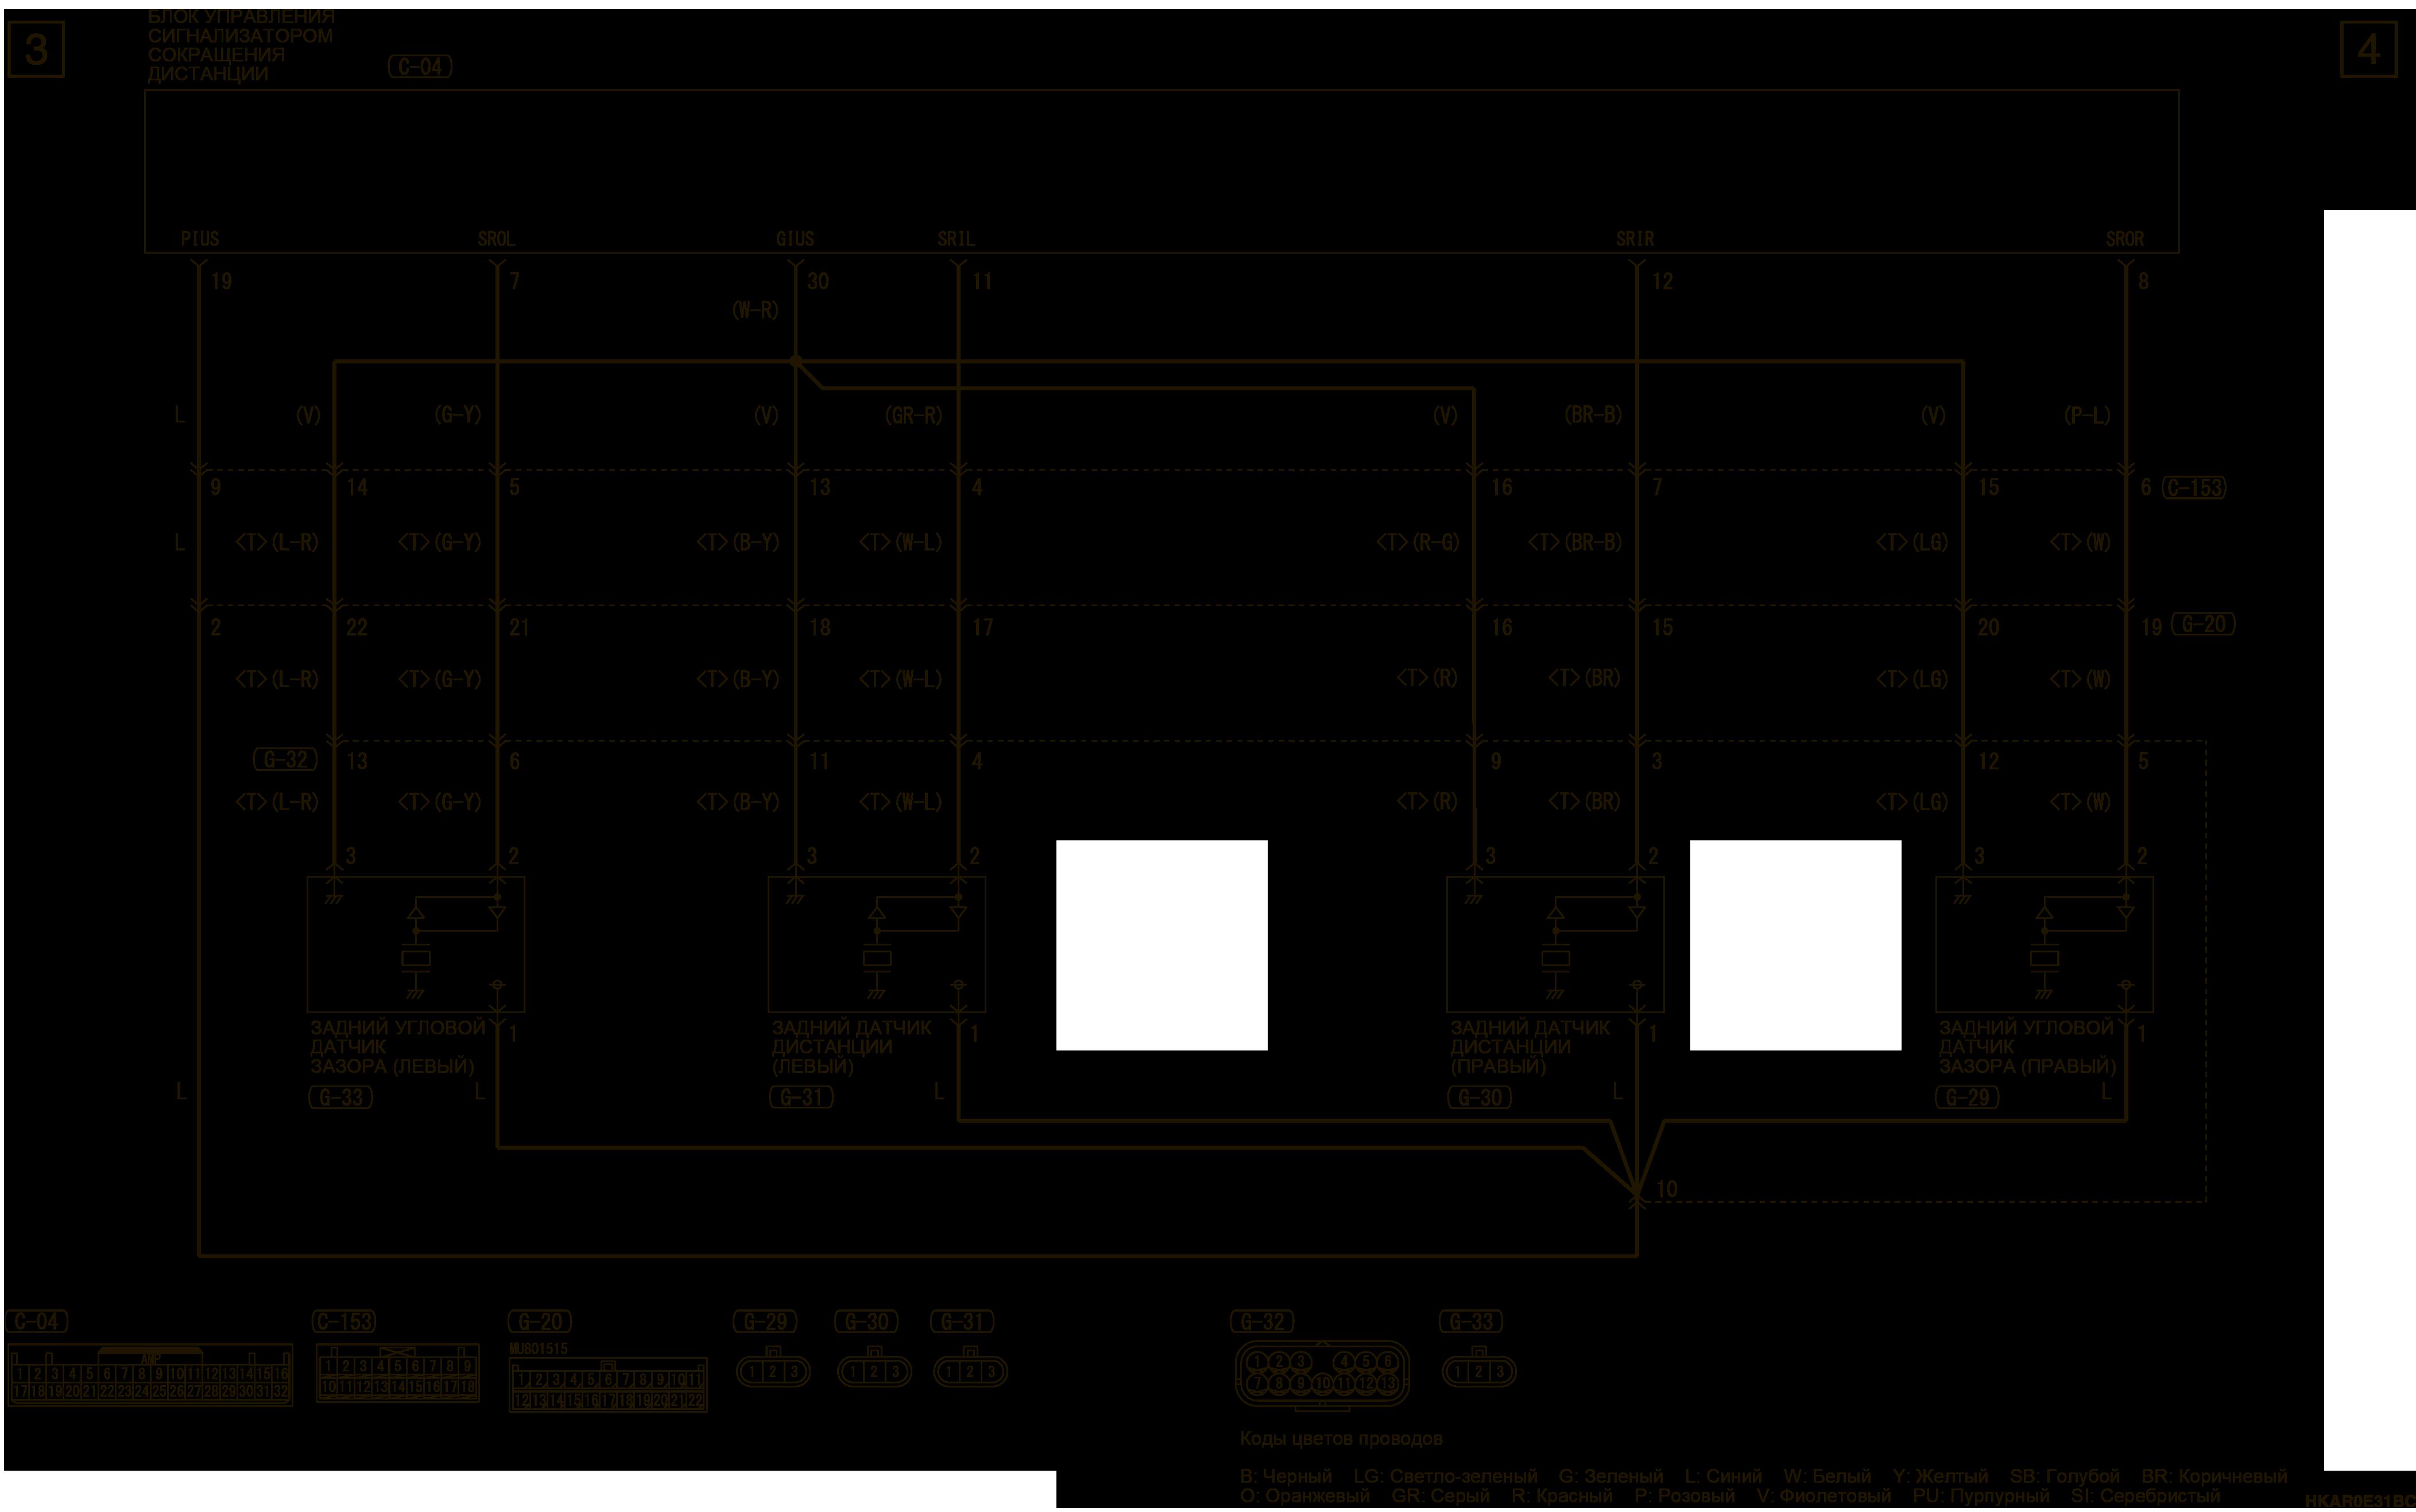 mmc аутлендер 3 2019 электросхемаСИСТЕМА ПОМОЩИ ПРИ ПАРКОВКЕ АВТОМОБИЛИ БЕЗ СИСТЕМЫ ПРЕДОТВРАЩЕНИЯ СТОЛКНОВЕНИЯ НА ПАРКОВКЕ/СИСТЕМЫ УГЛОВЫХ ДАТЧИКОВ (ЛЕВОСТОРОННЕЕ УПРАВЛЕНИЕ)